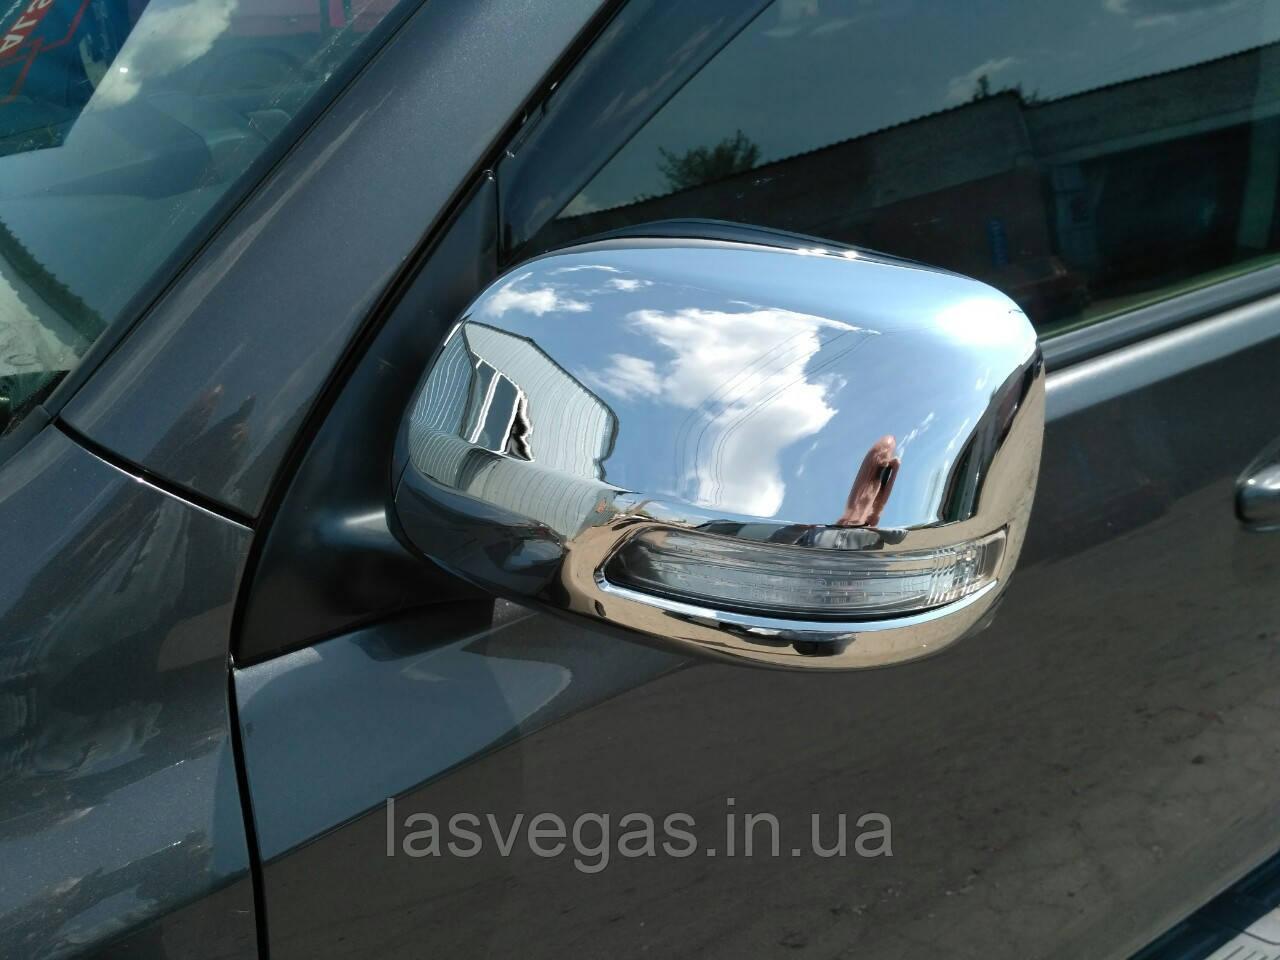 Хром накладки на зеркала Toyota Prado 150 2009-2013